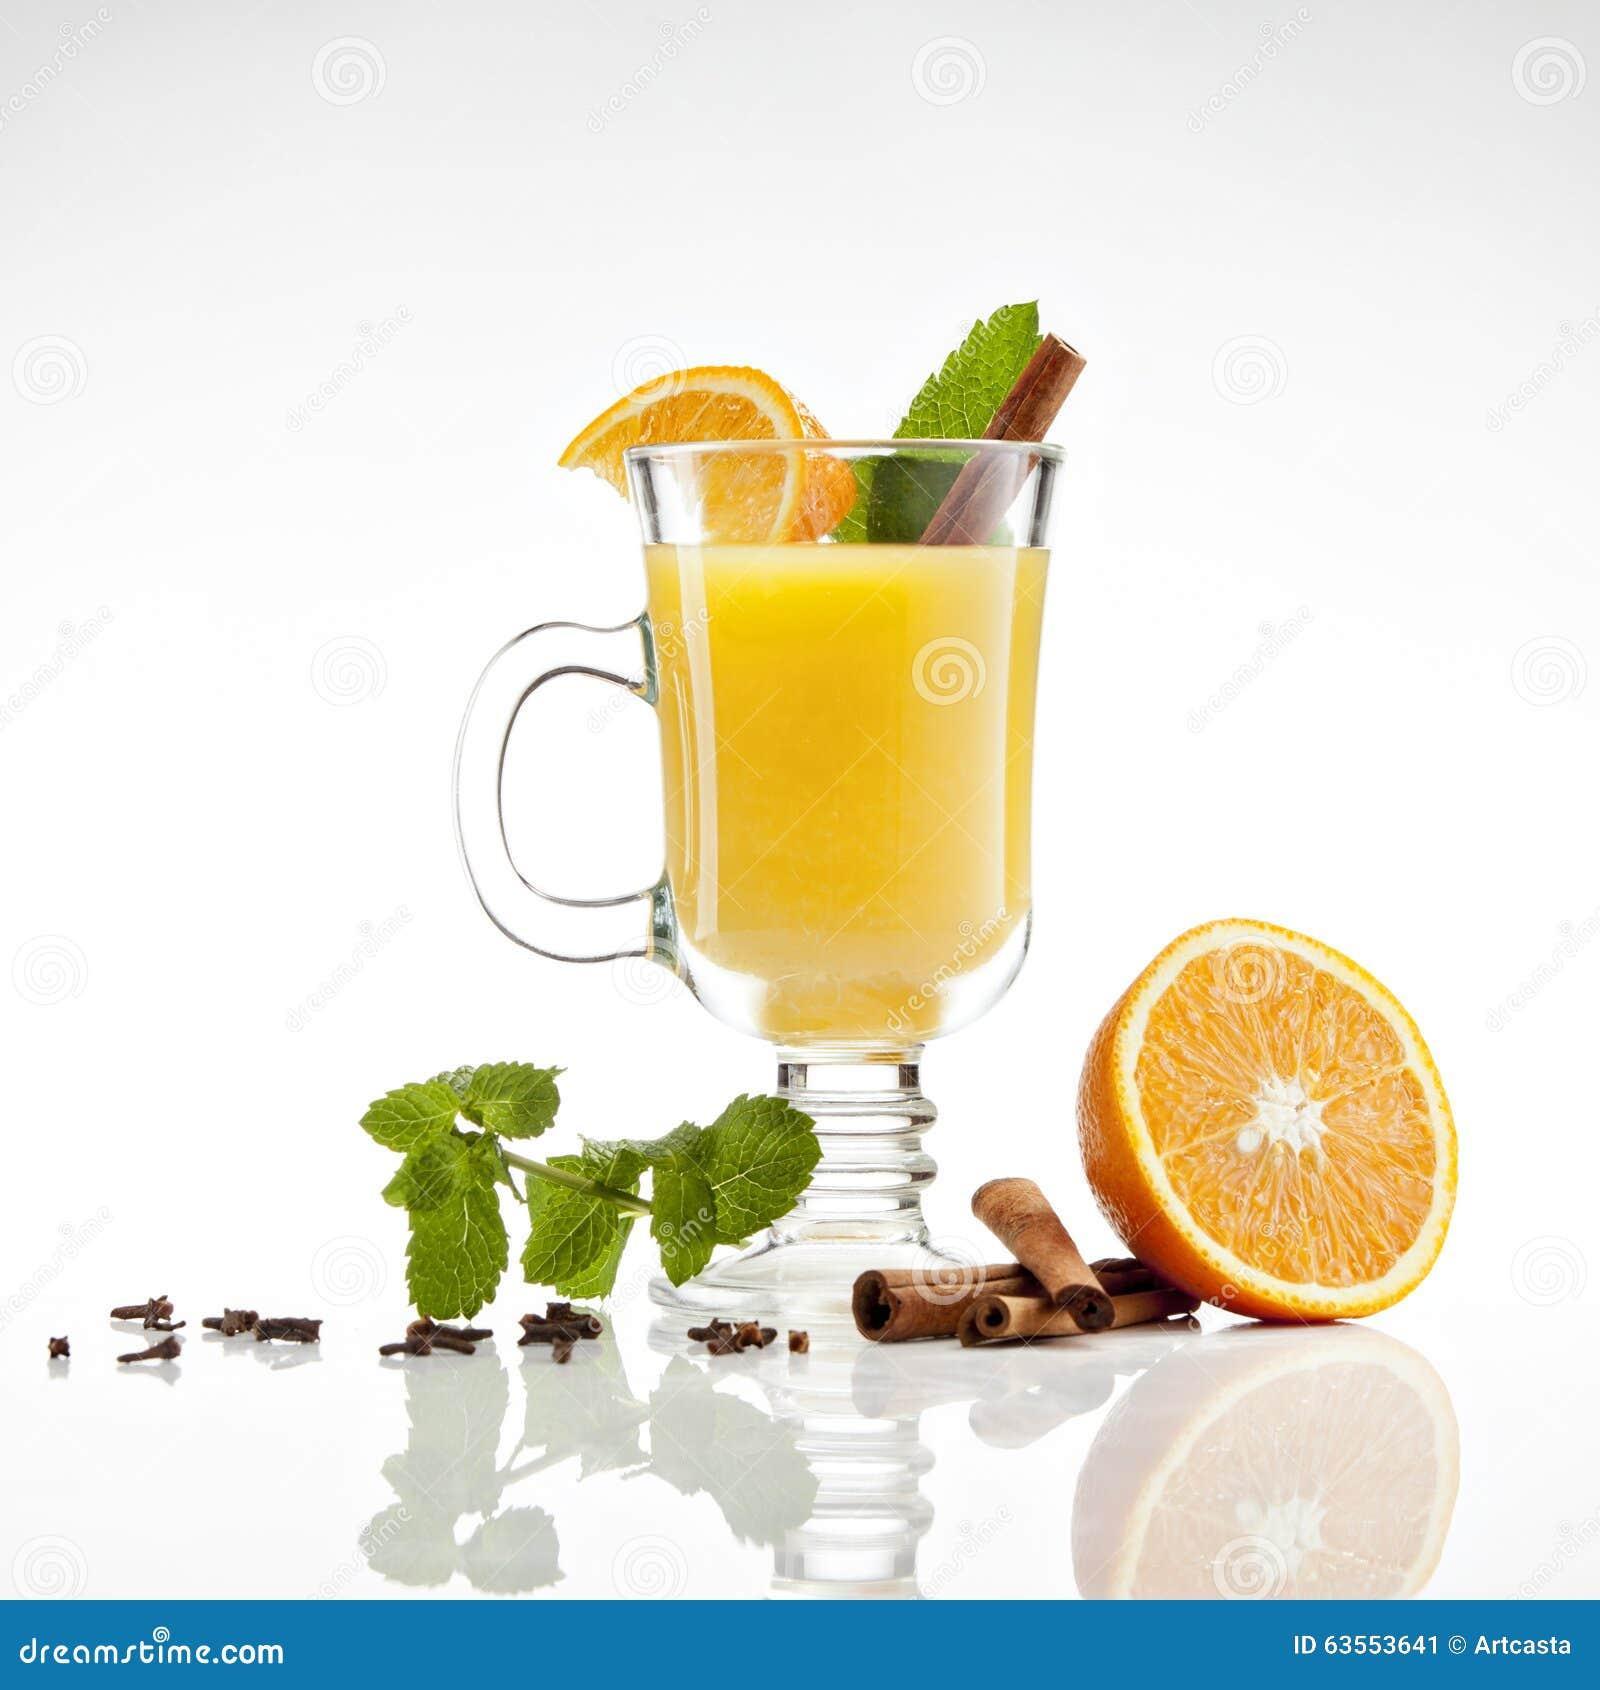 Hot orange tea